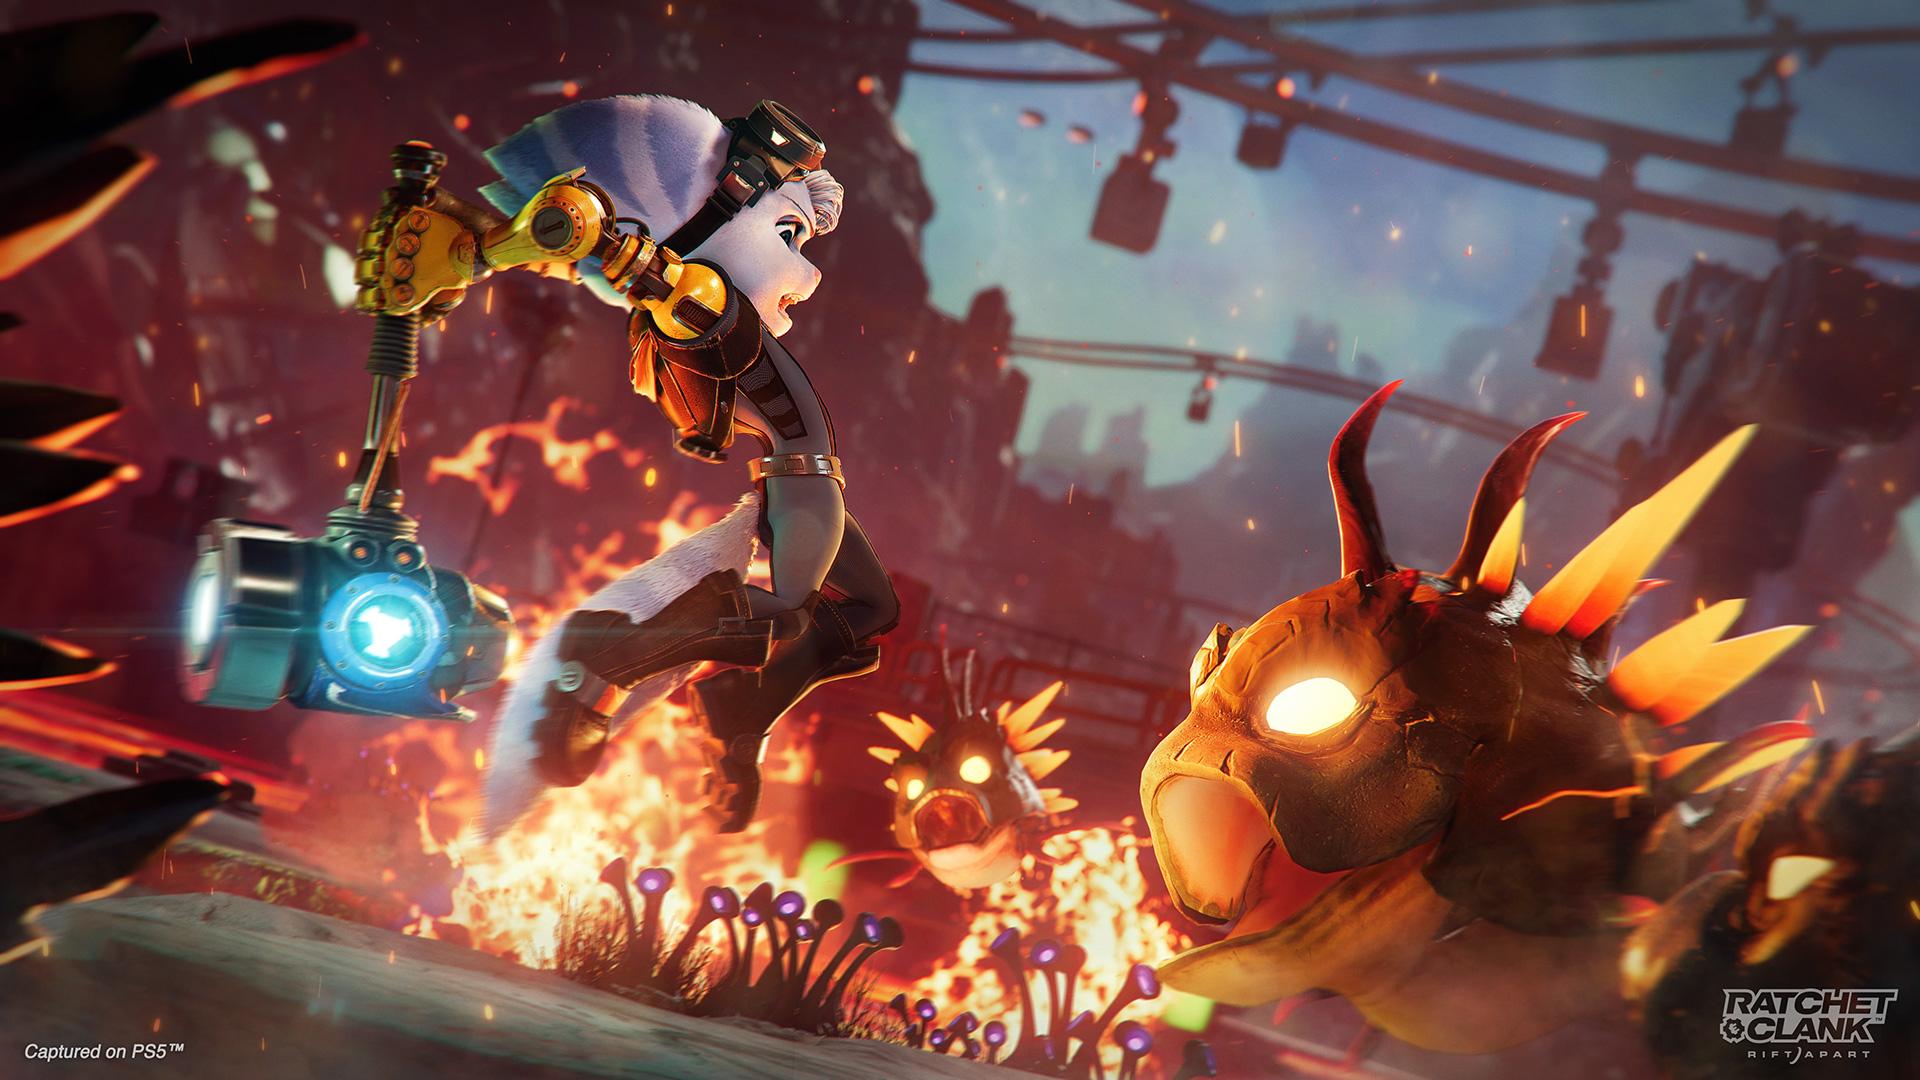 """Die Lombax-Frau Rivet geht mit einem Hammer auf ein Monster im Spiel """"Ratchet & Clank: Rift Apart"""" los."""